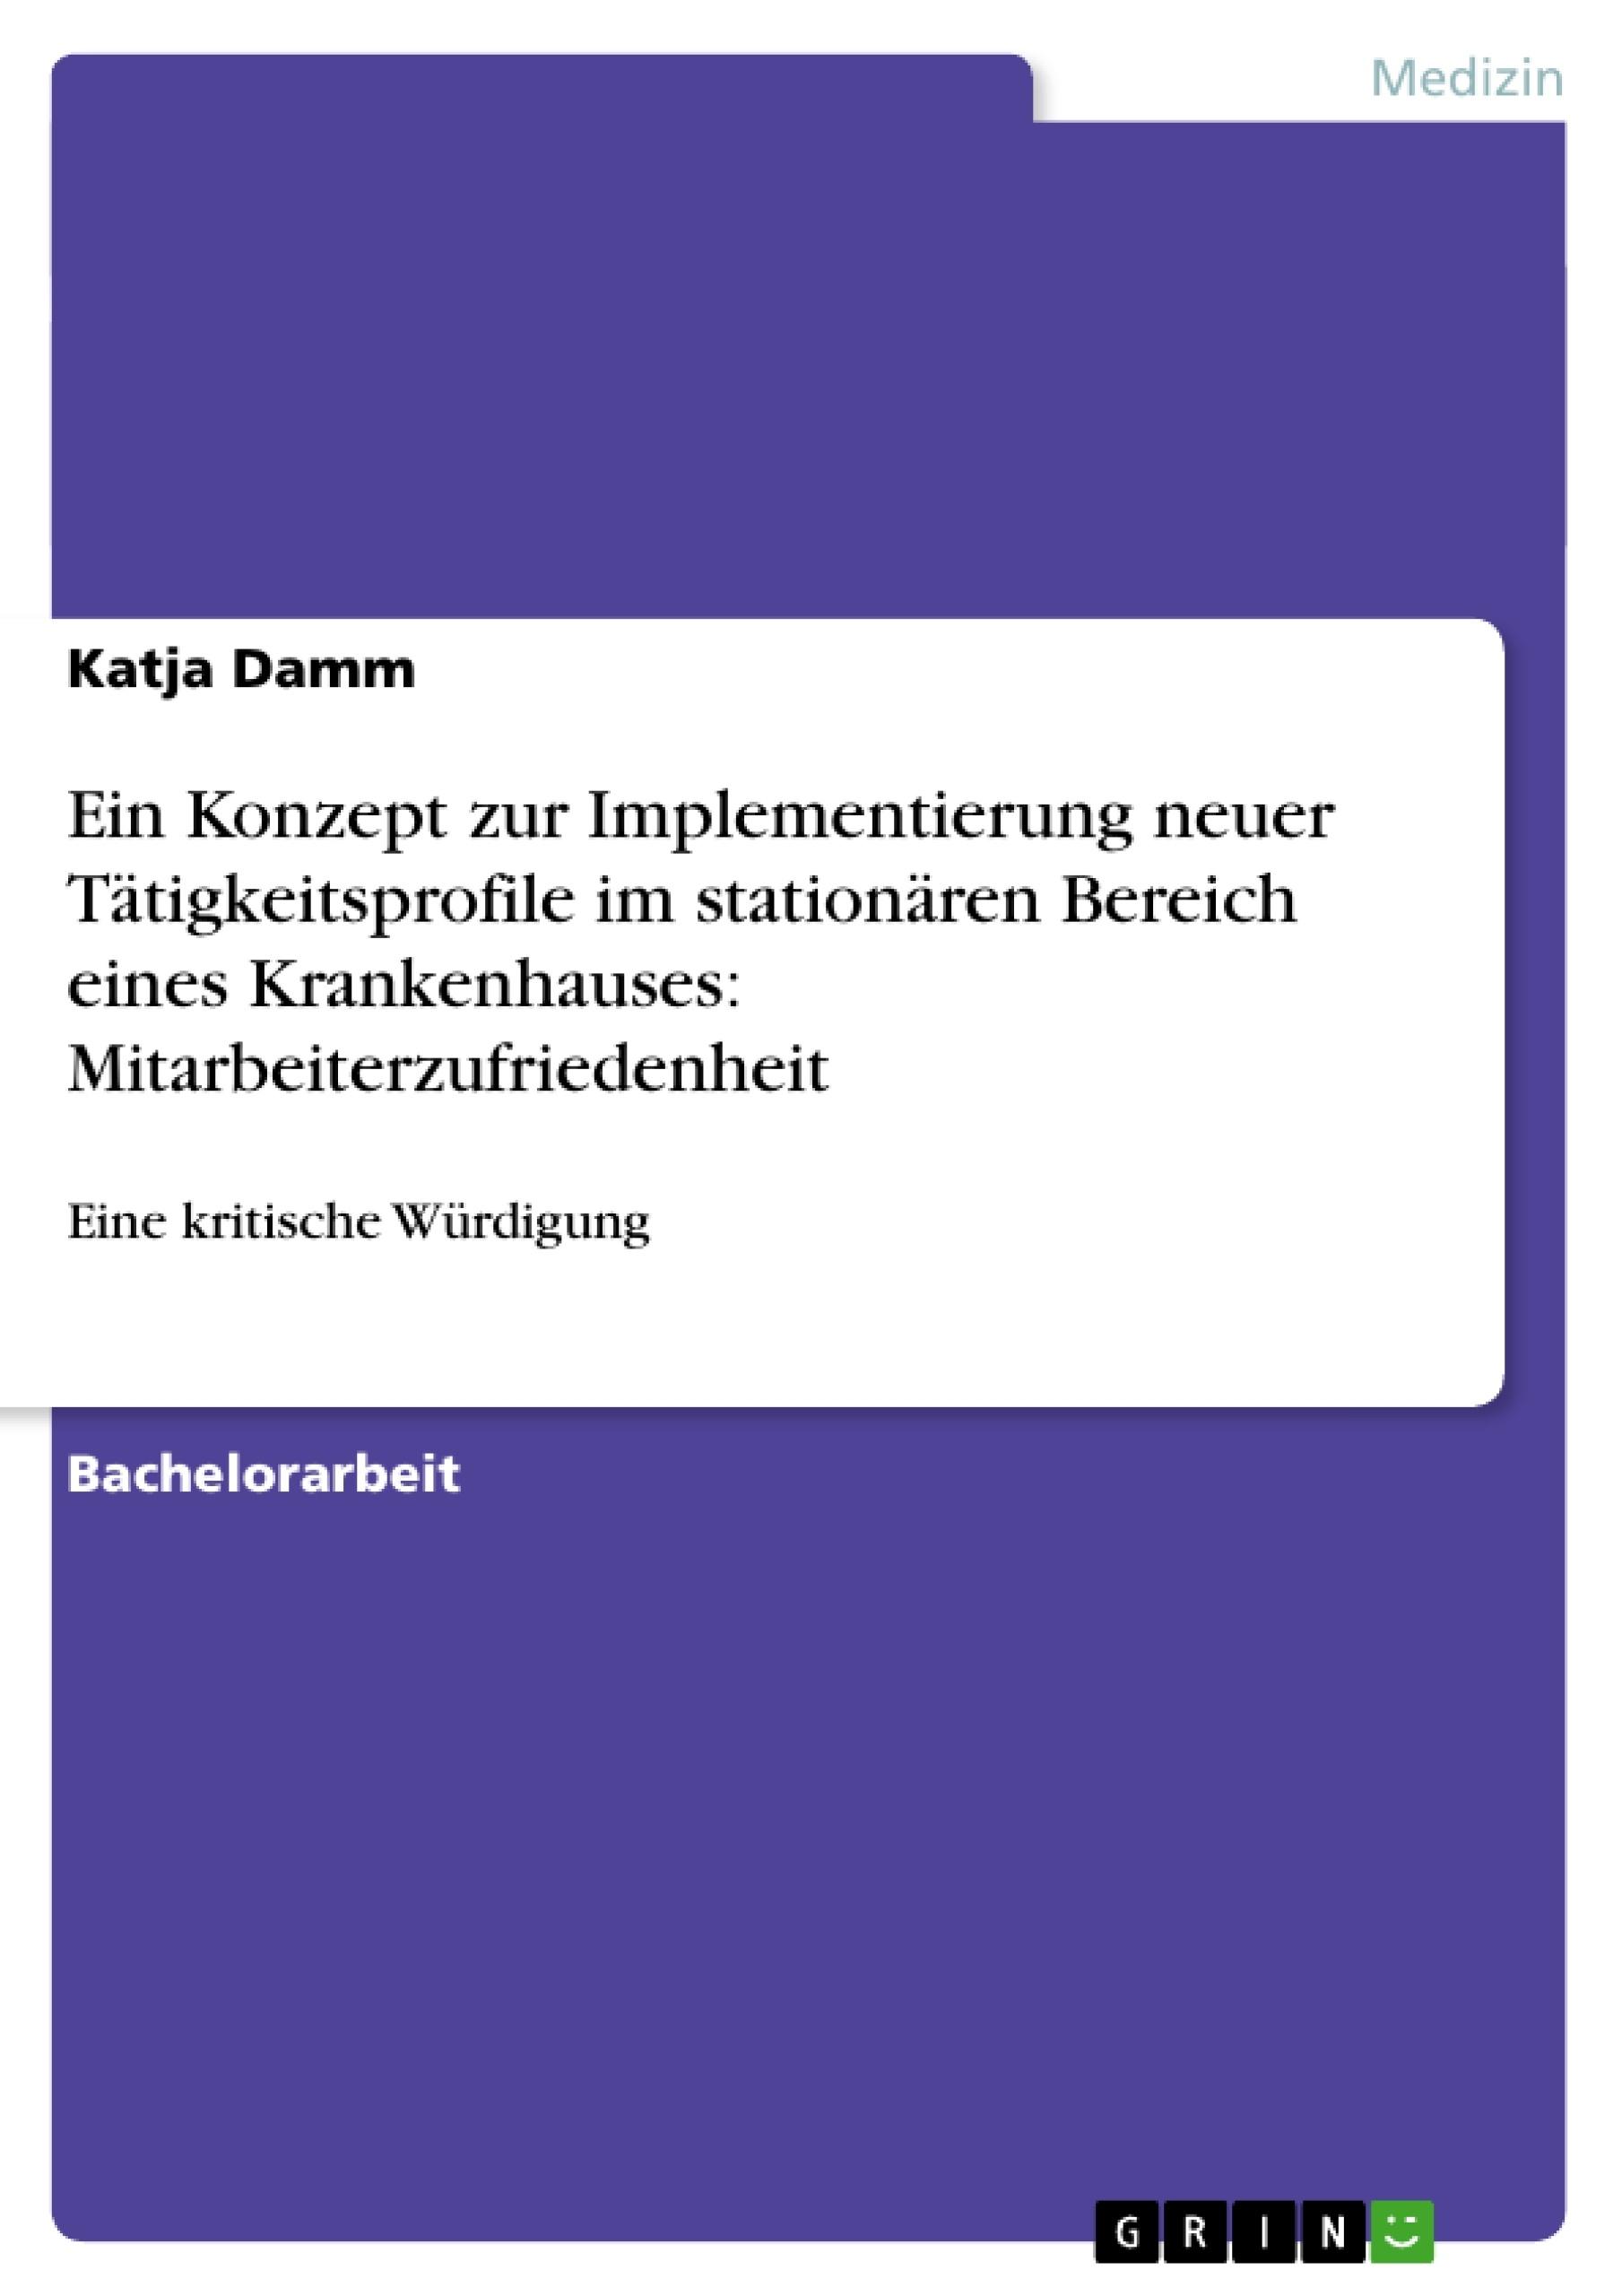 Titel: Ein Konzept zur Implementierung neuer Tätigkeitsprofile im stationären Bereich eines Krankenhauses: Mitarbeiterzufriedenheit